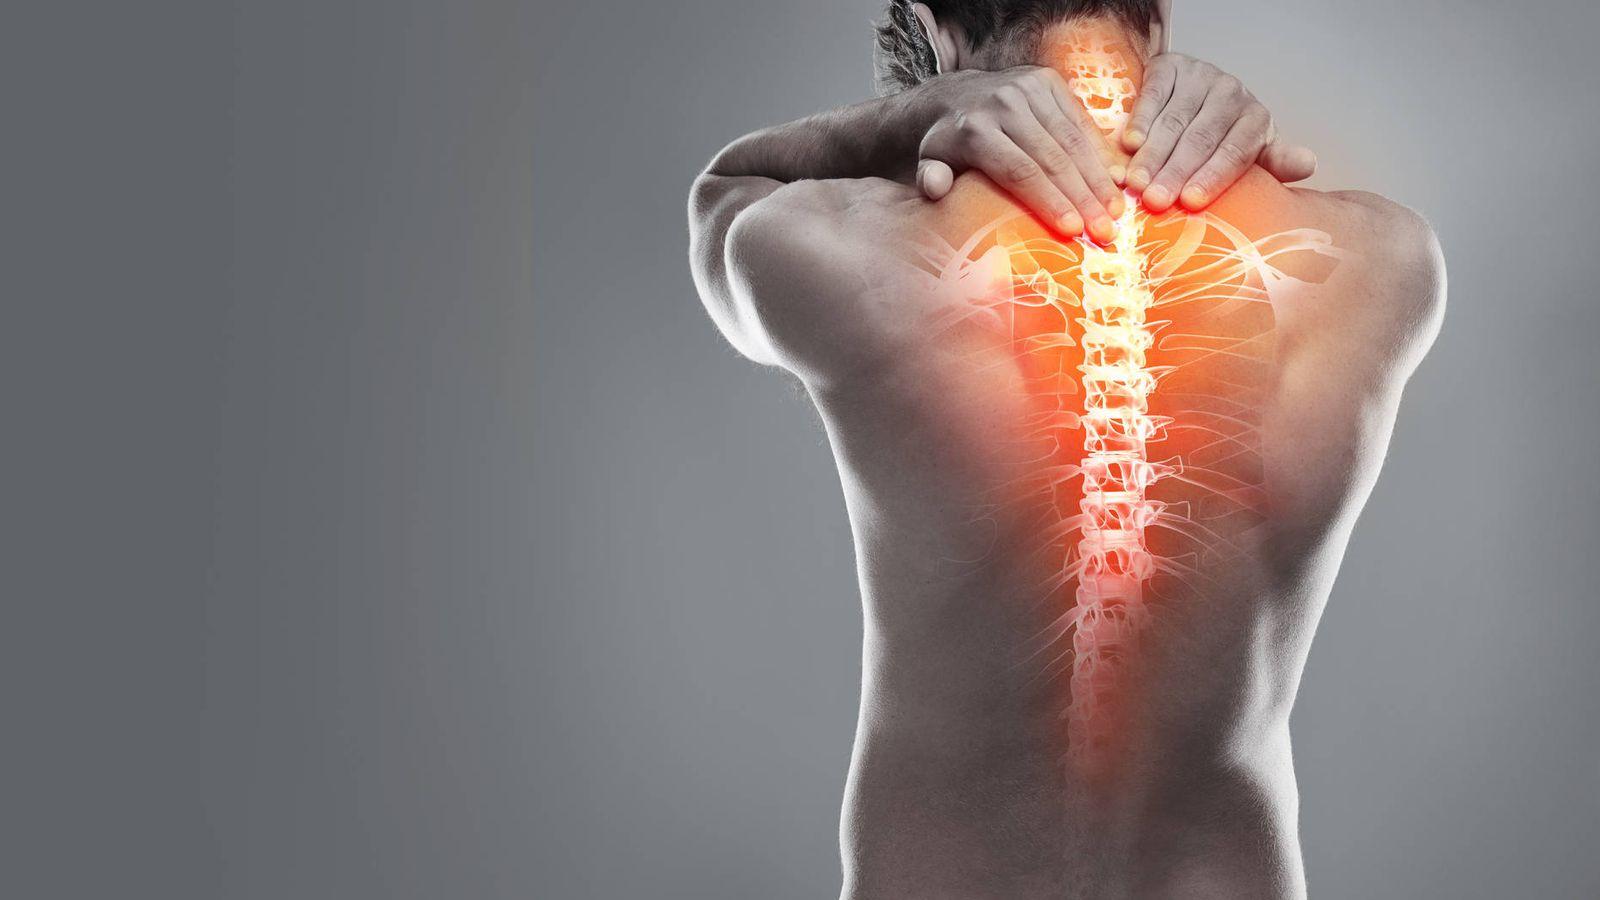 Dolor de espalda: Cuando tu dolor de espalda puede esconder algo más grave